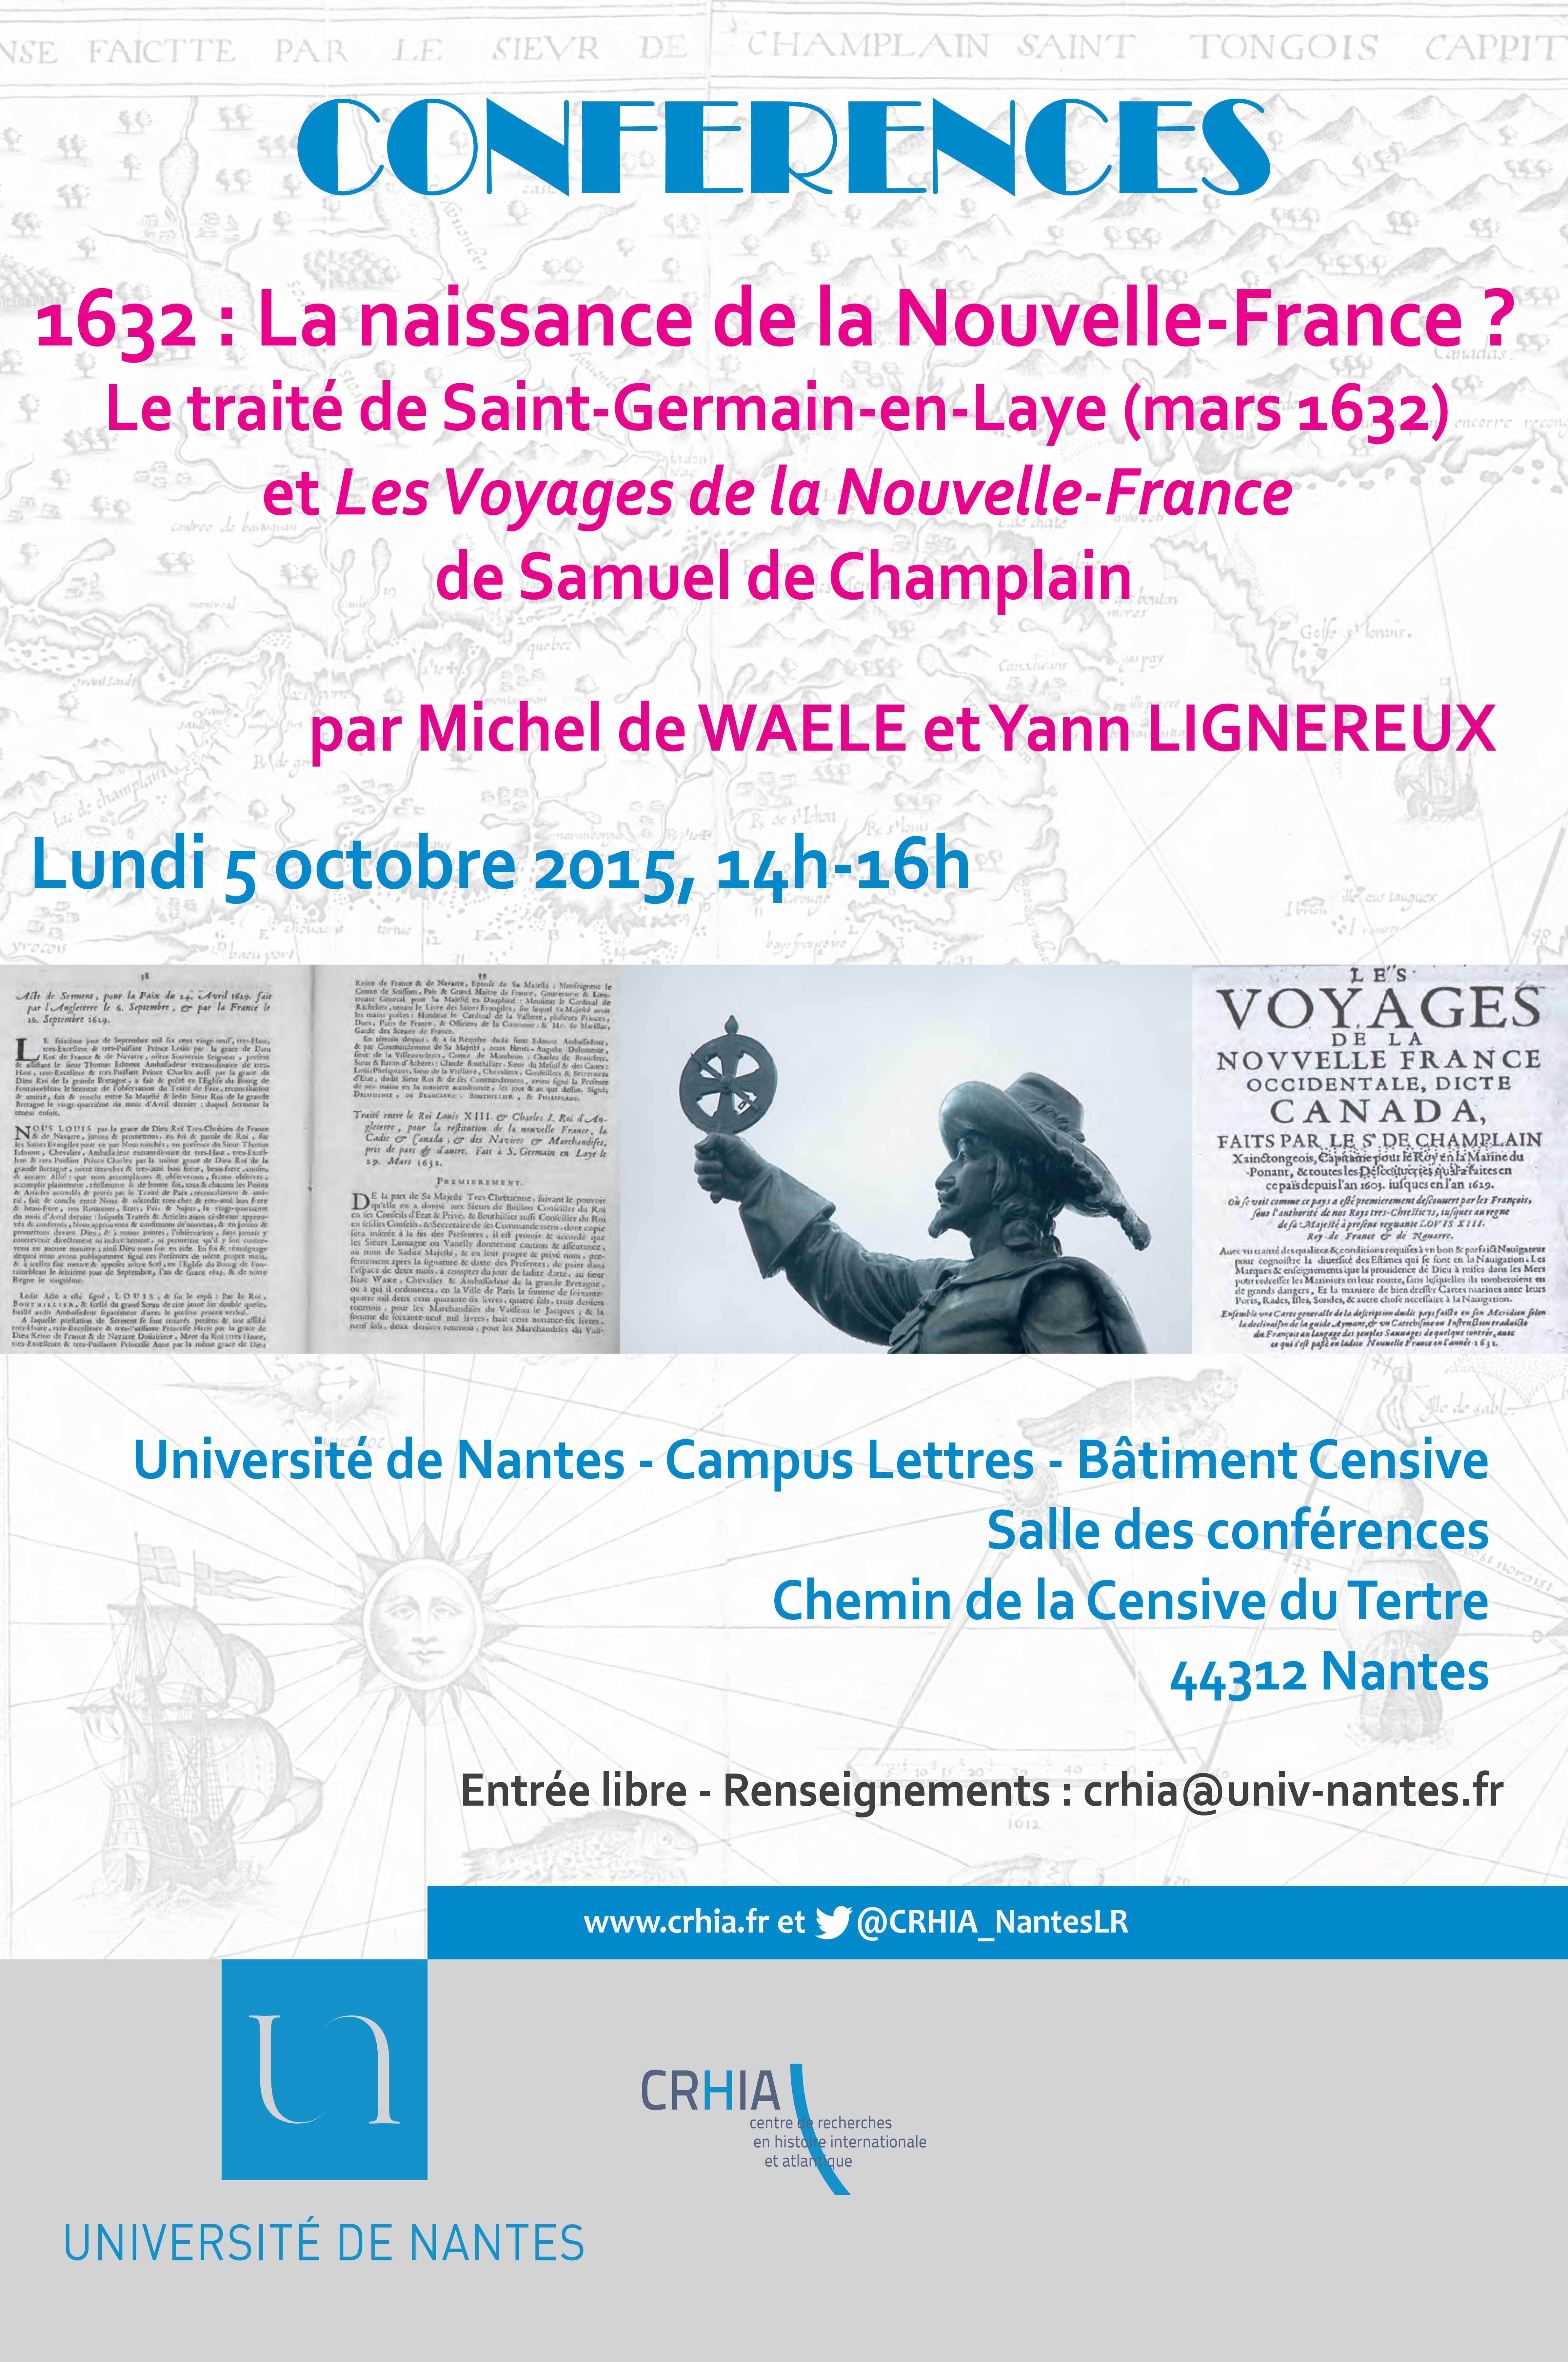 Conférence «1632 : la naissance de la Nouvelle-France ? Le traité de Saint-Germain-en-Laye (1632) et Les voyages de la Nouvelle-France de Champlain», Université de Nantes, 5 octobre 2015 de 14h-16h